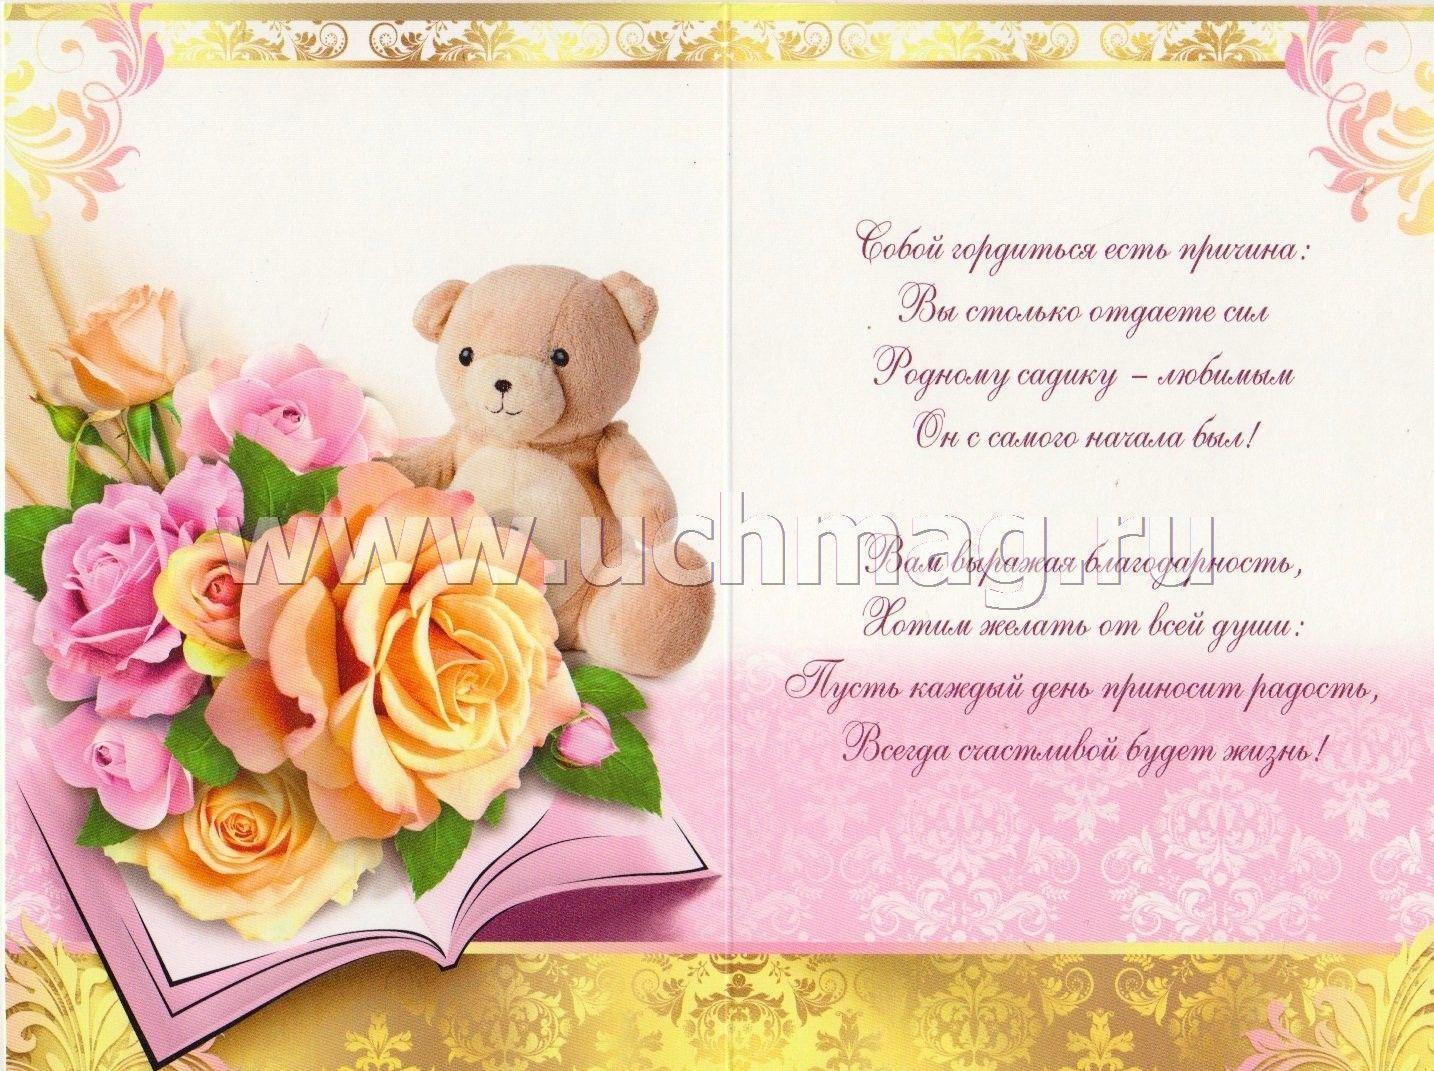 Картинки поздравления с днем рождения заведующей детского сада